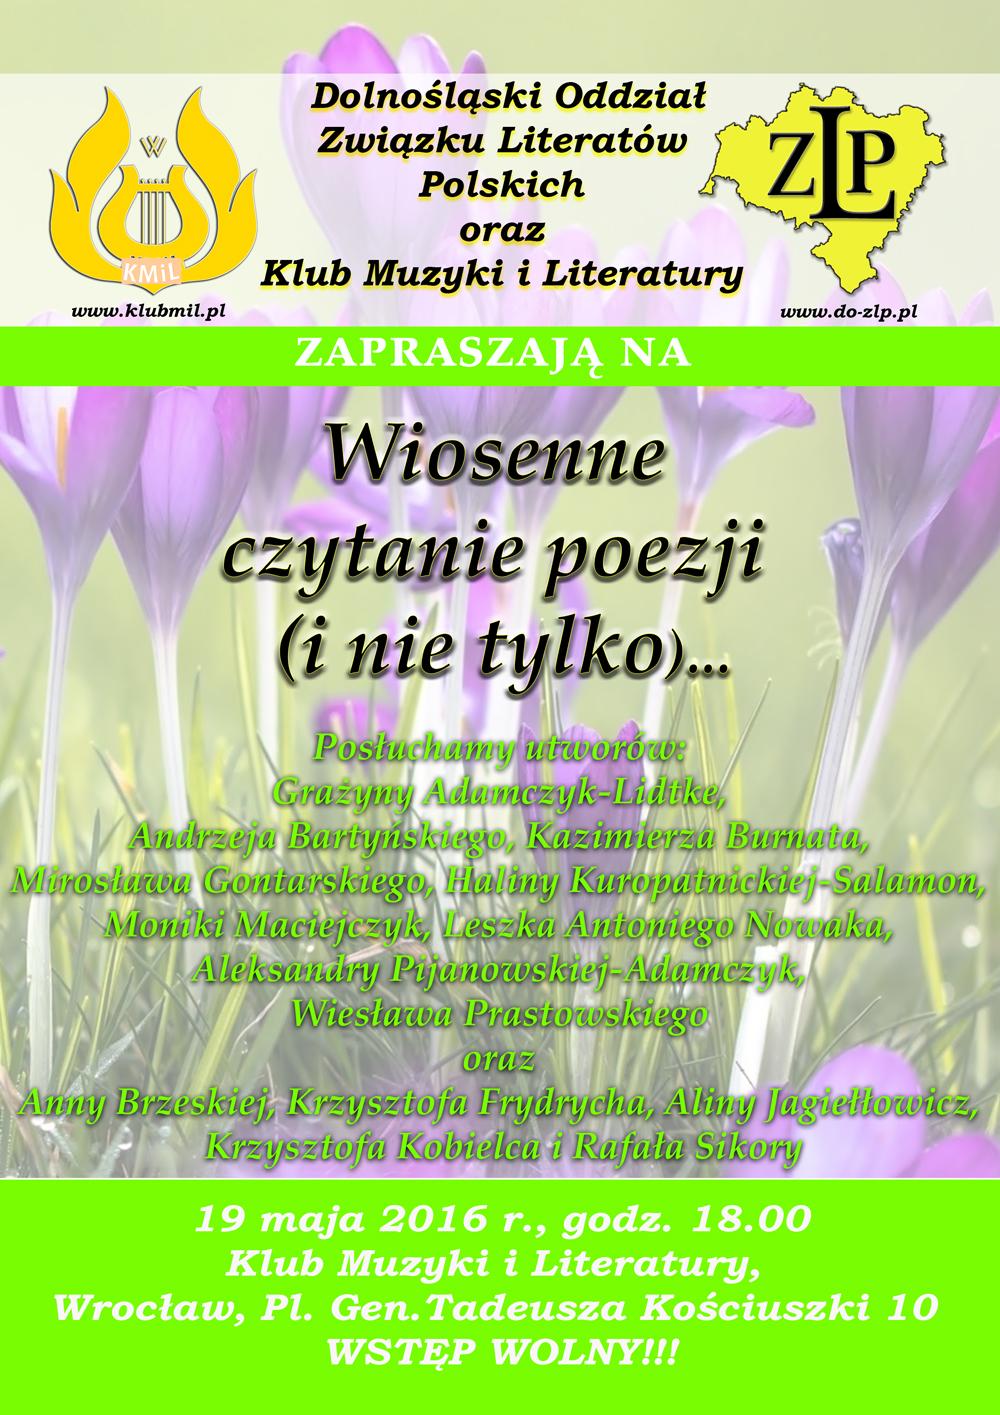 wiosenne-czytanie-poezji-2016-int